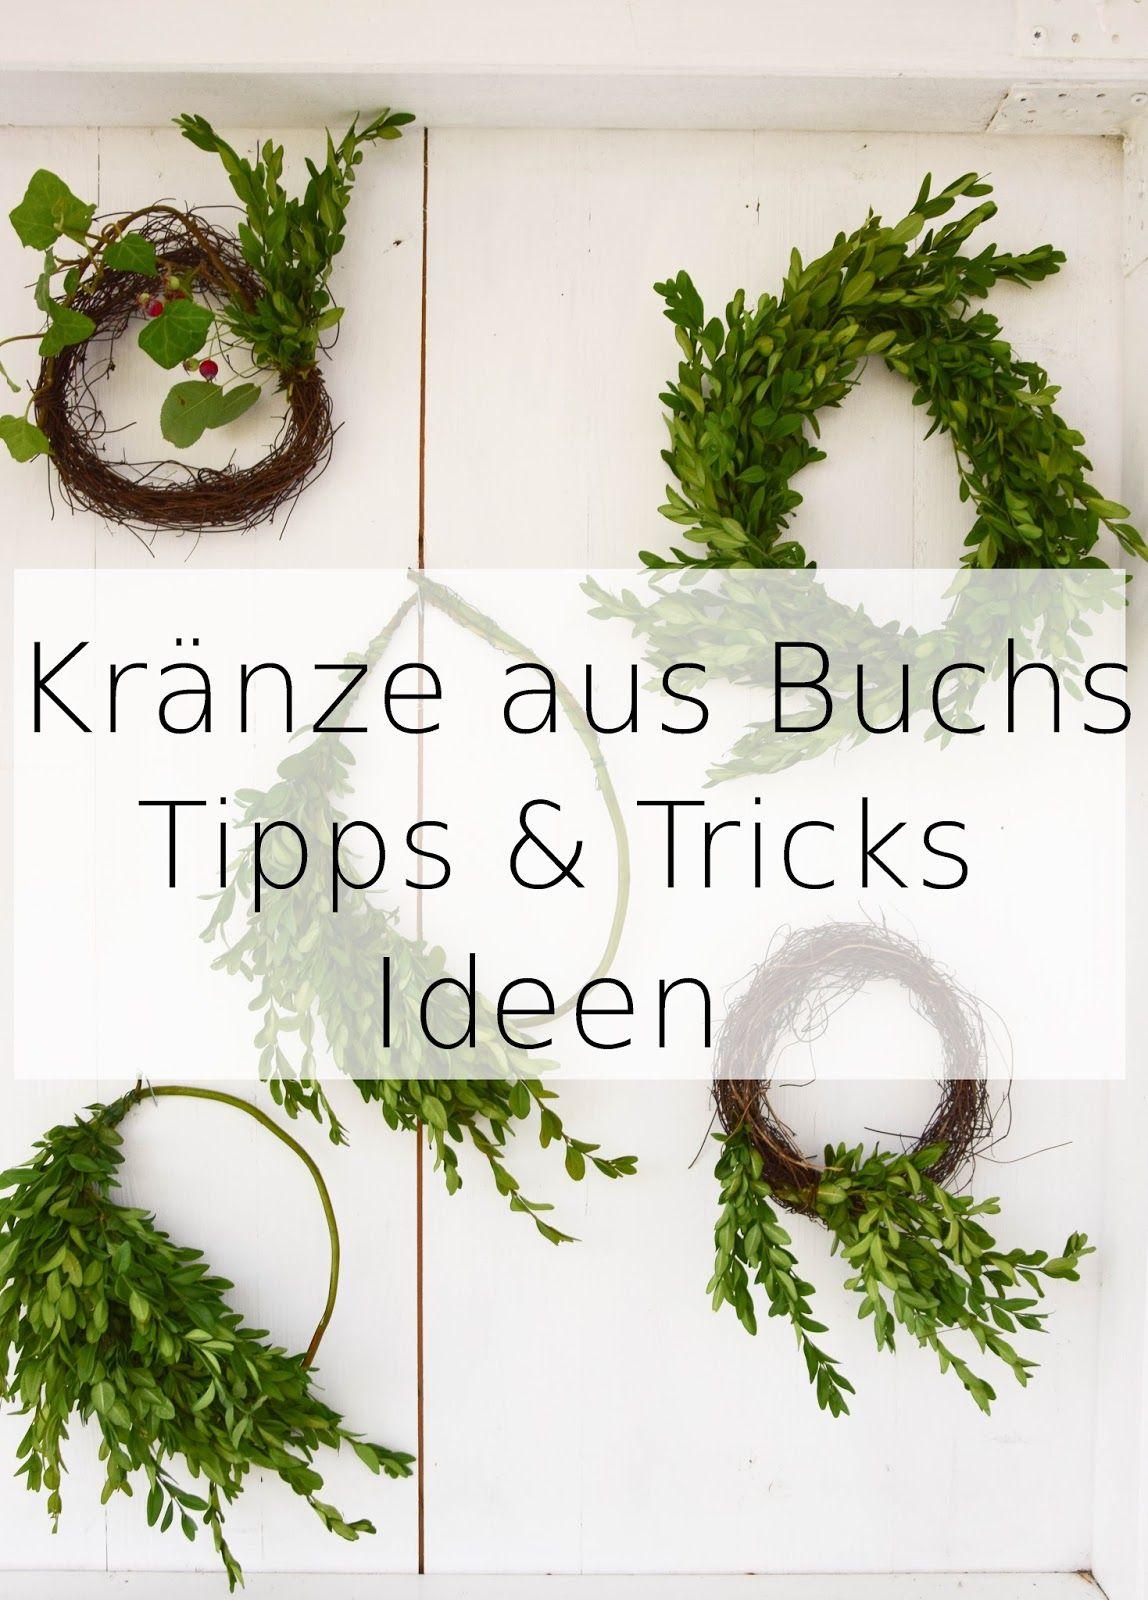 kreativ mit buchs so fertigt ihr ganz einfach tolle kr nze und girlanden german blogger diy. Black Bedroom Furniture Sets. Home Design Ideas